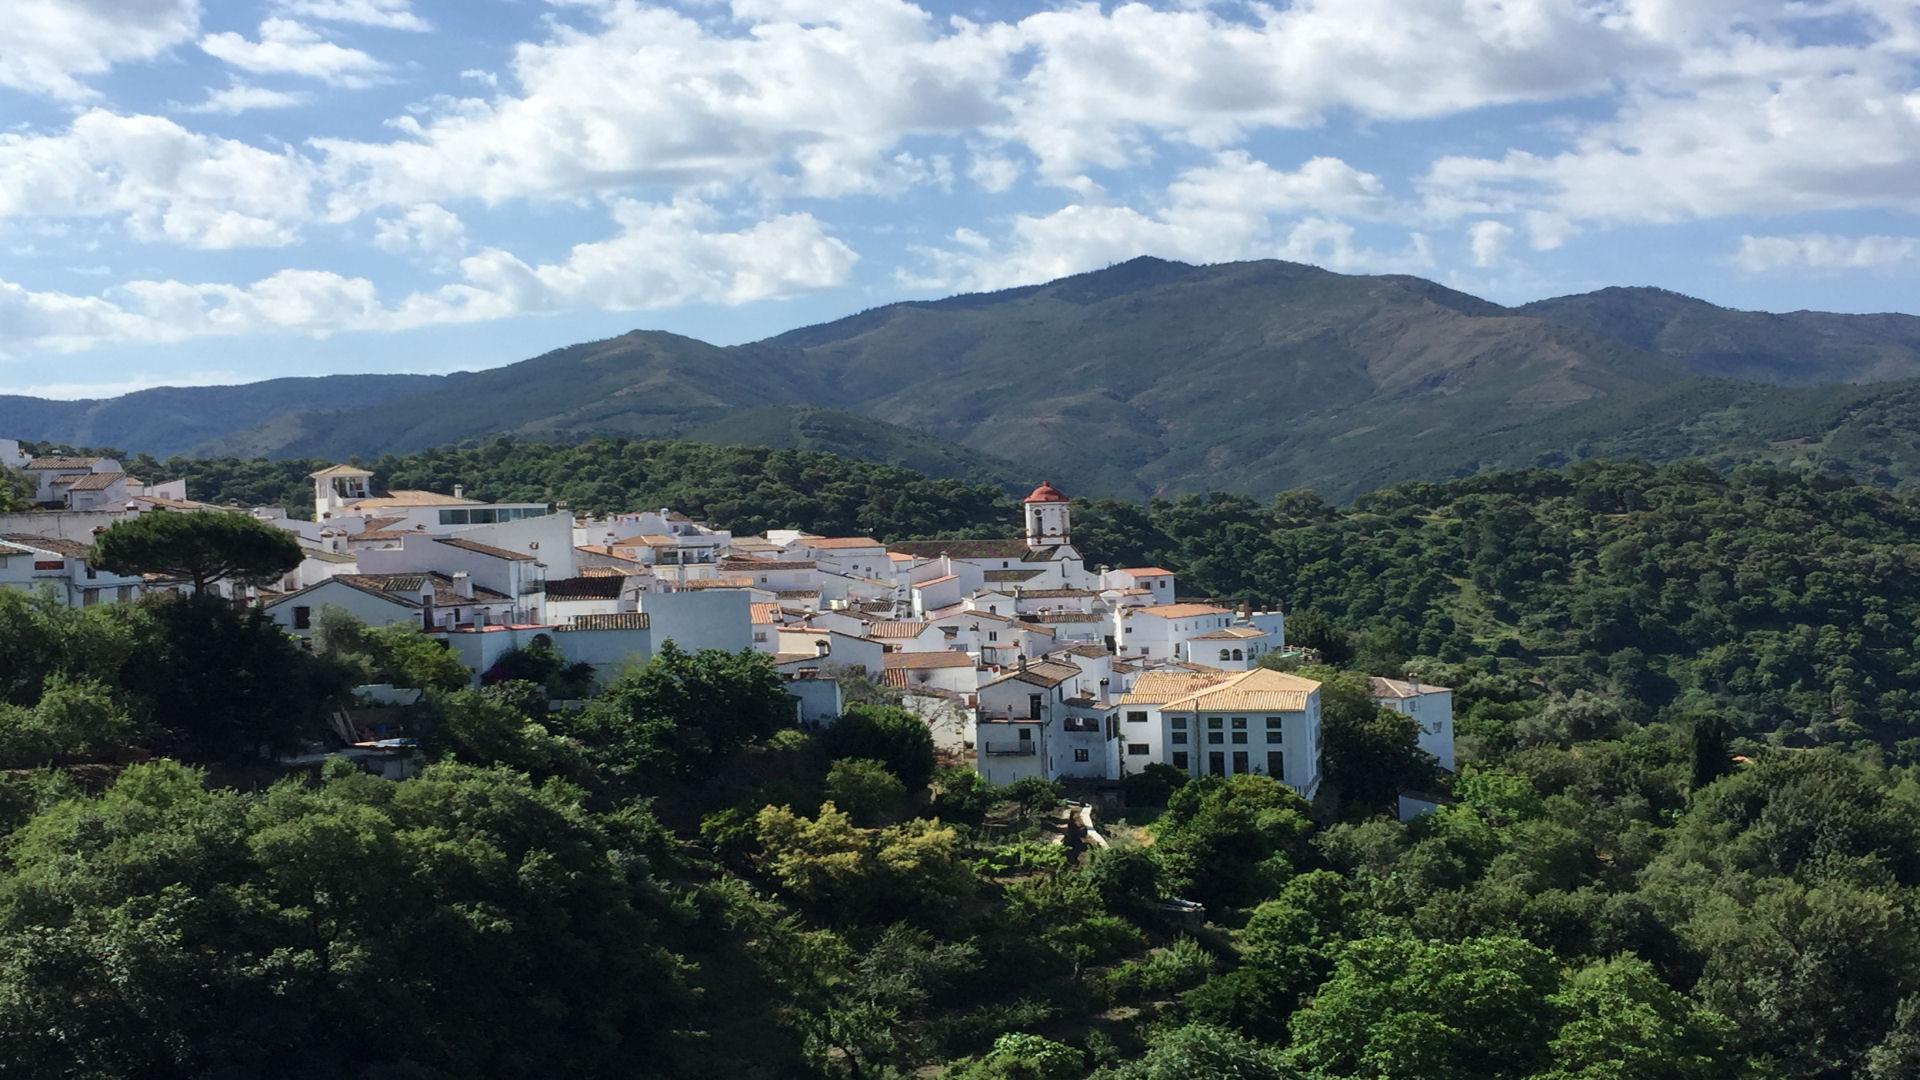 village of Genalguacil